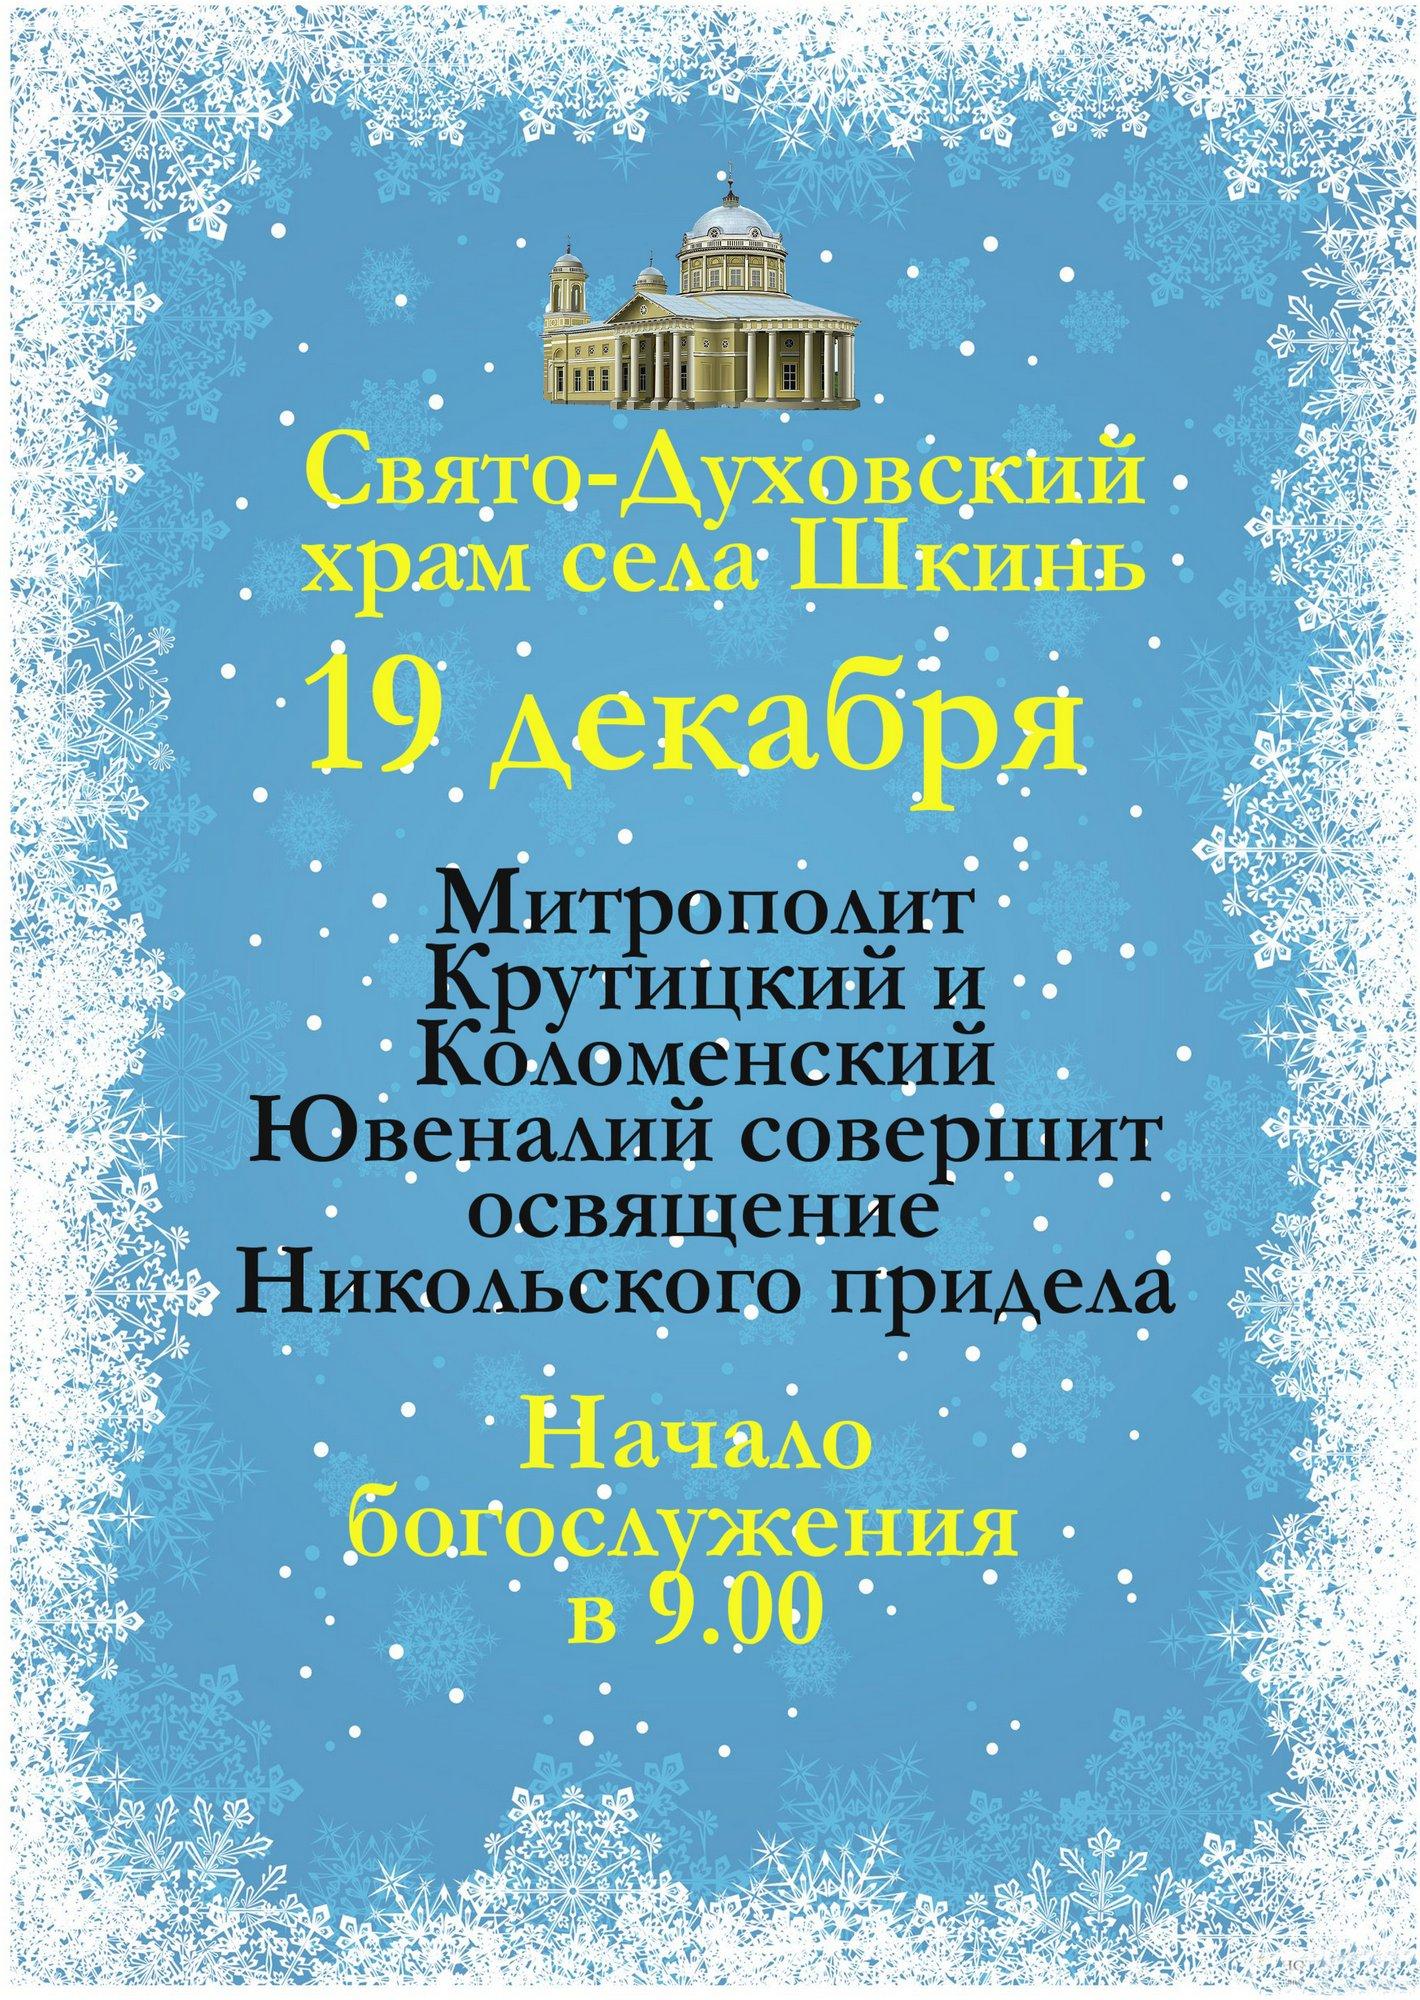 Митрополит Крутицкий и Коломенский Ювеналий совершит освящение Никольского придела